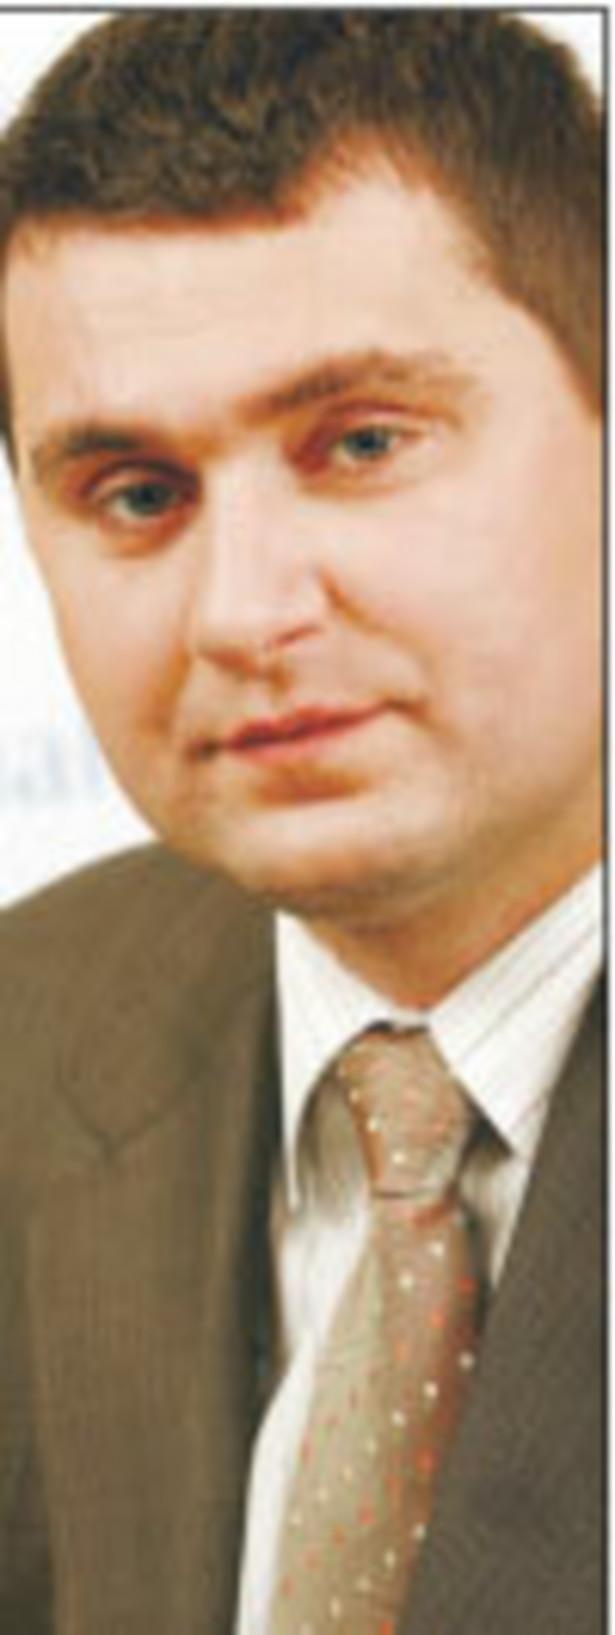 Paweł Wójciak, doradca podatkowy z Europejskiego Centrum Doradztwa i Dokumentacji Podatkowej